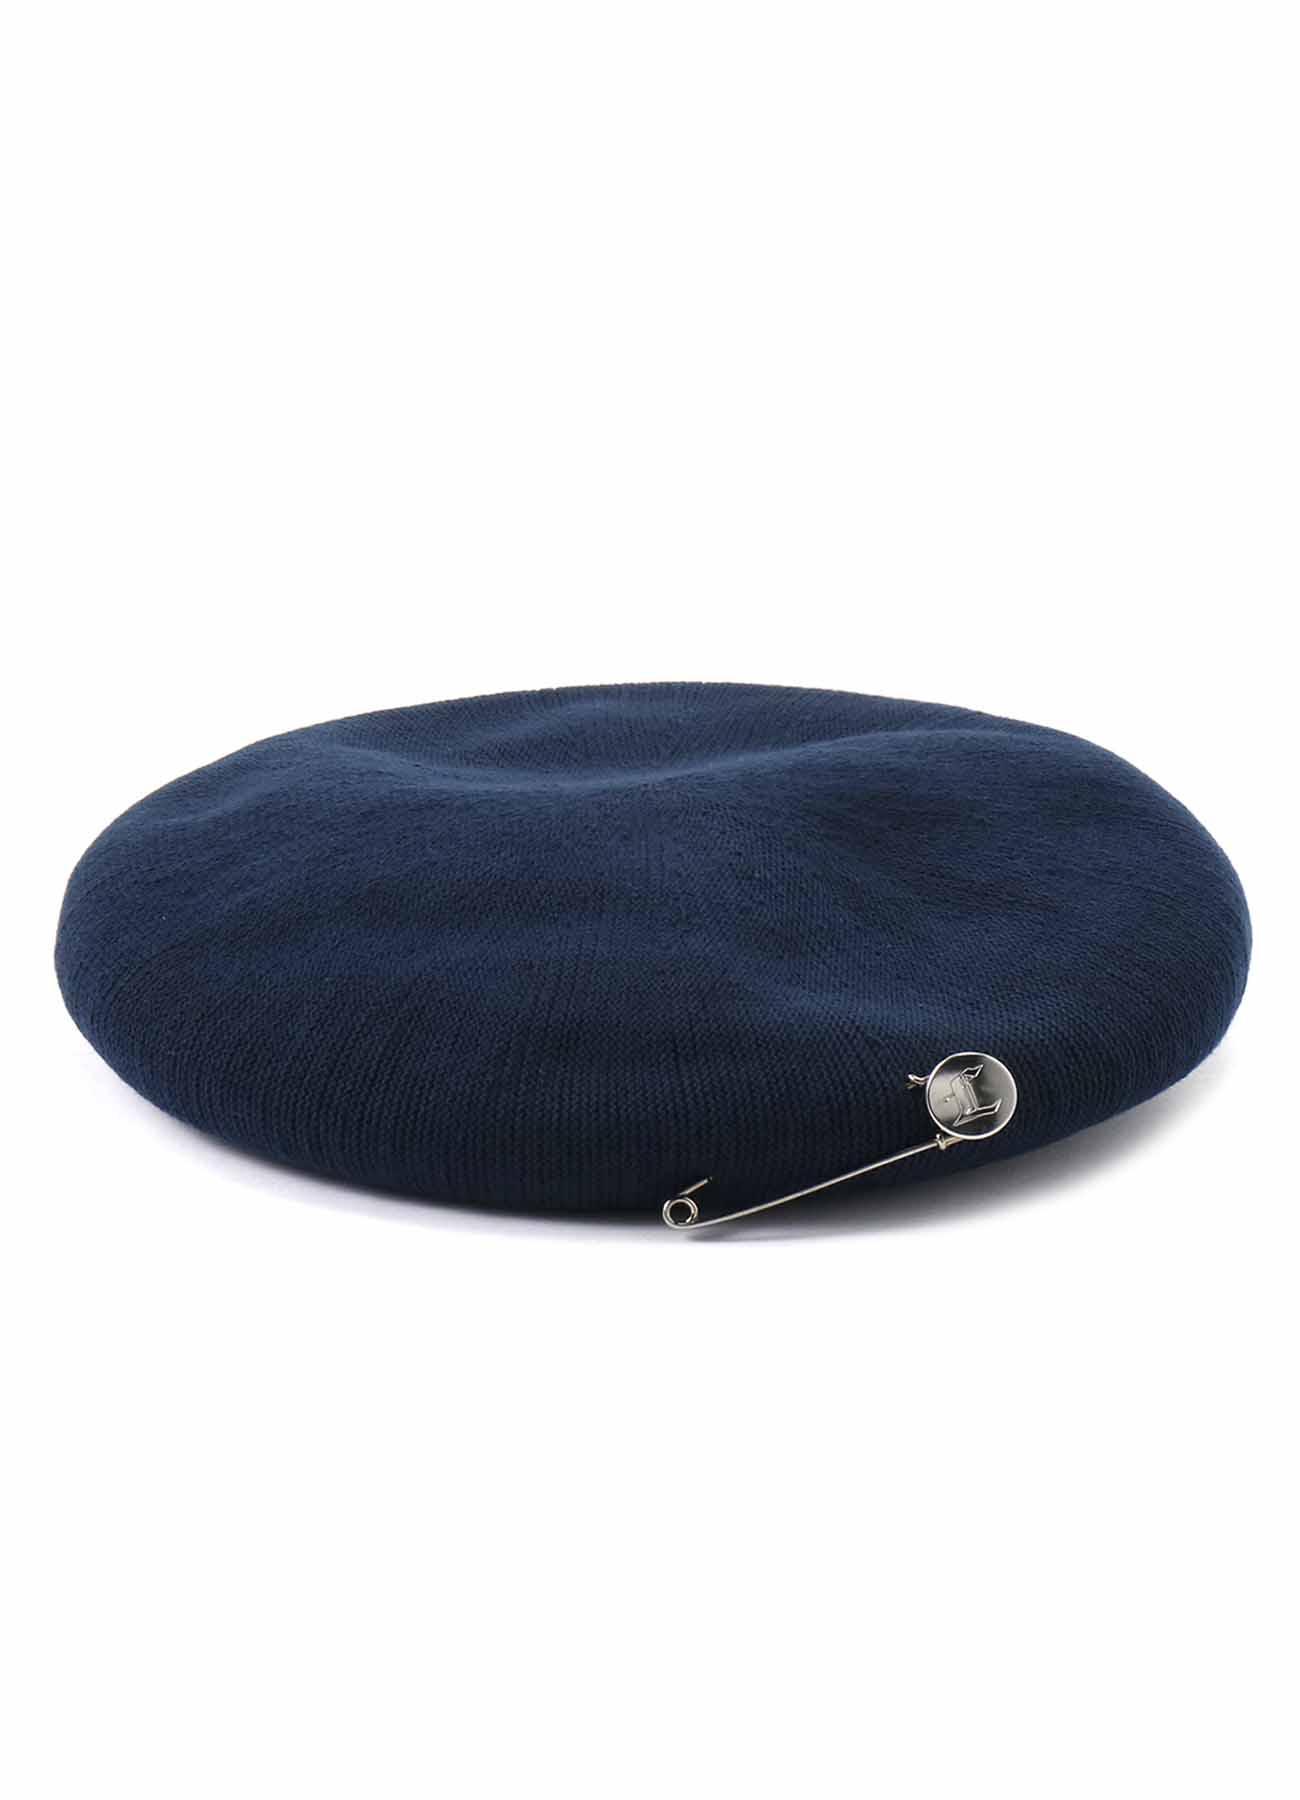 ウォッシャブルコットンLドットピン付ベレー帽